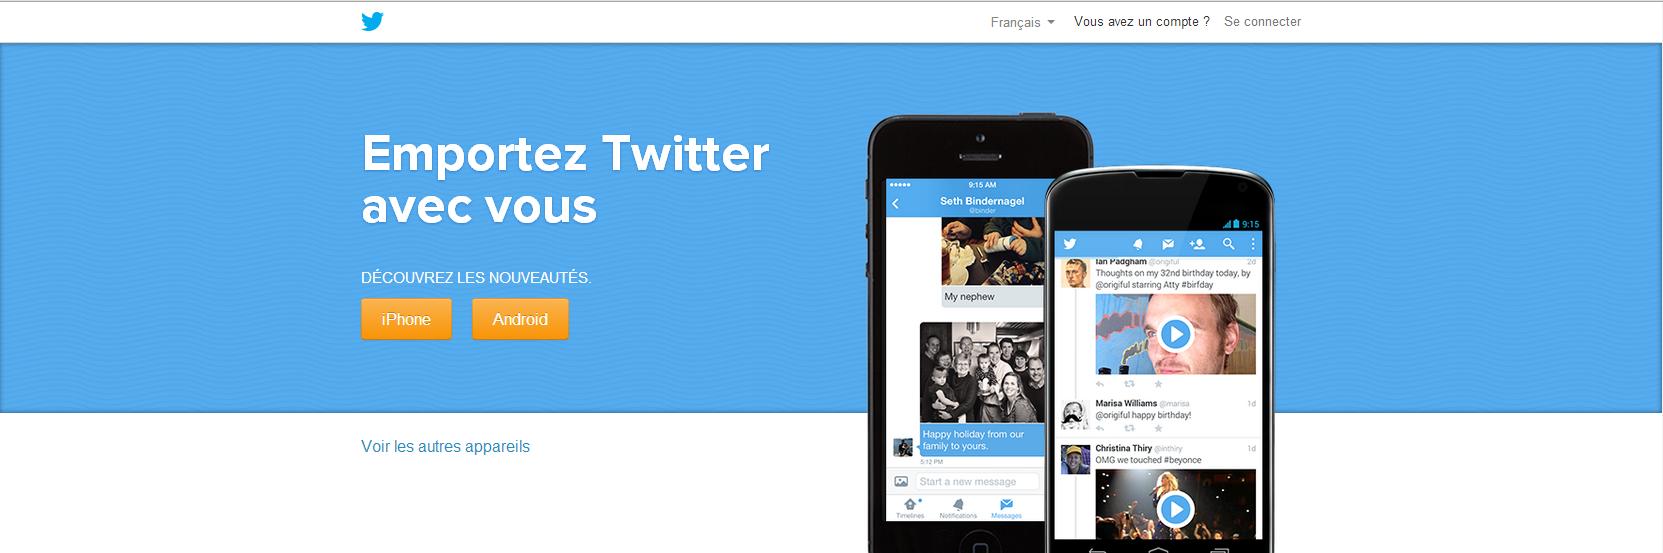 Amélioration de l'application Twitter